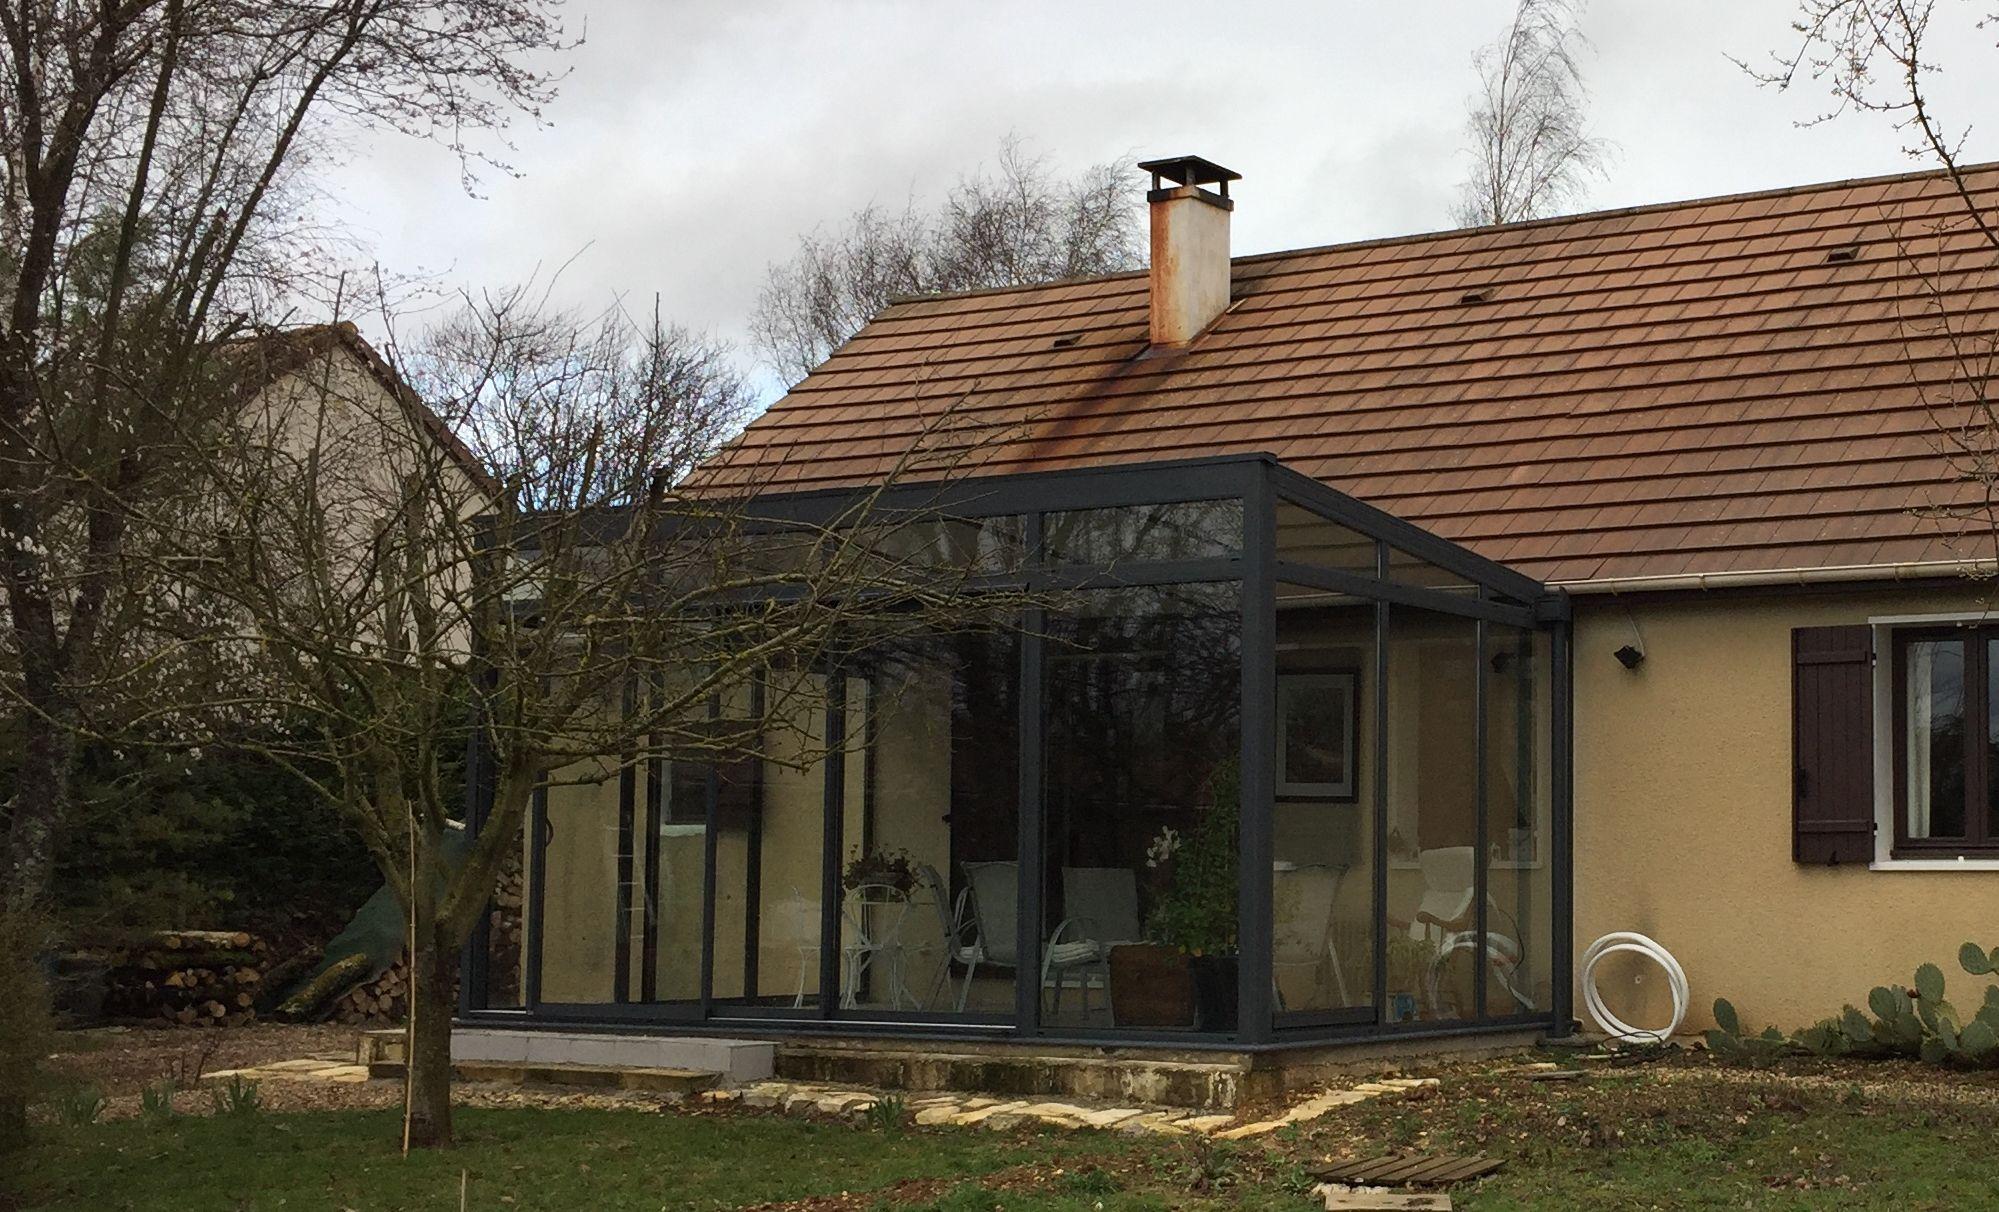 Veranda bois grenoble - veranda-styledevie.fr